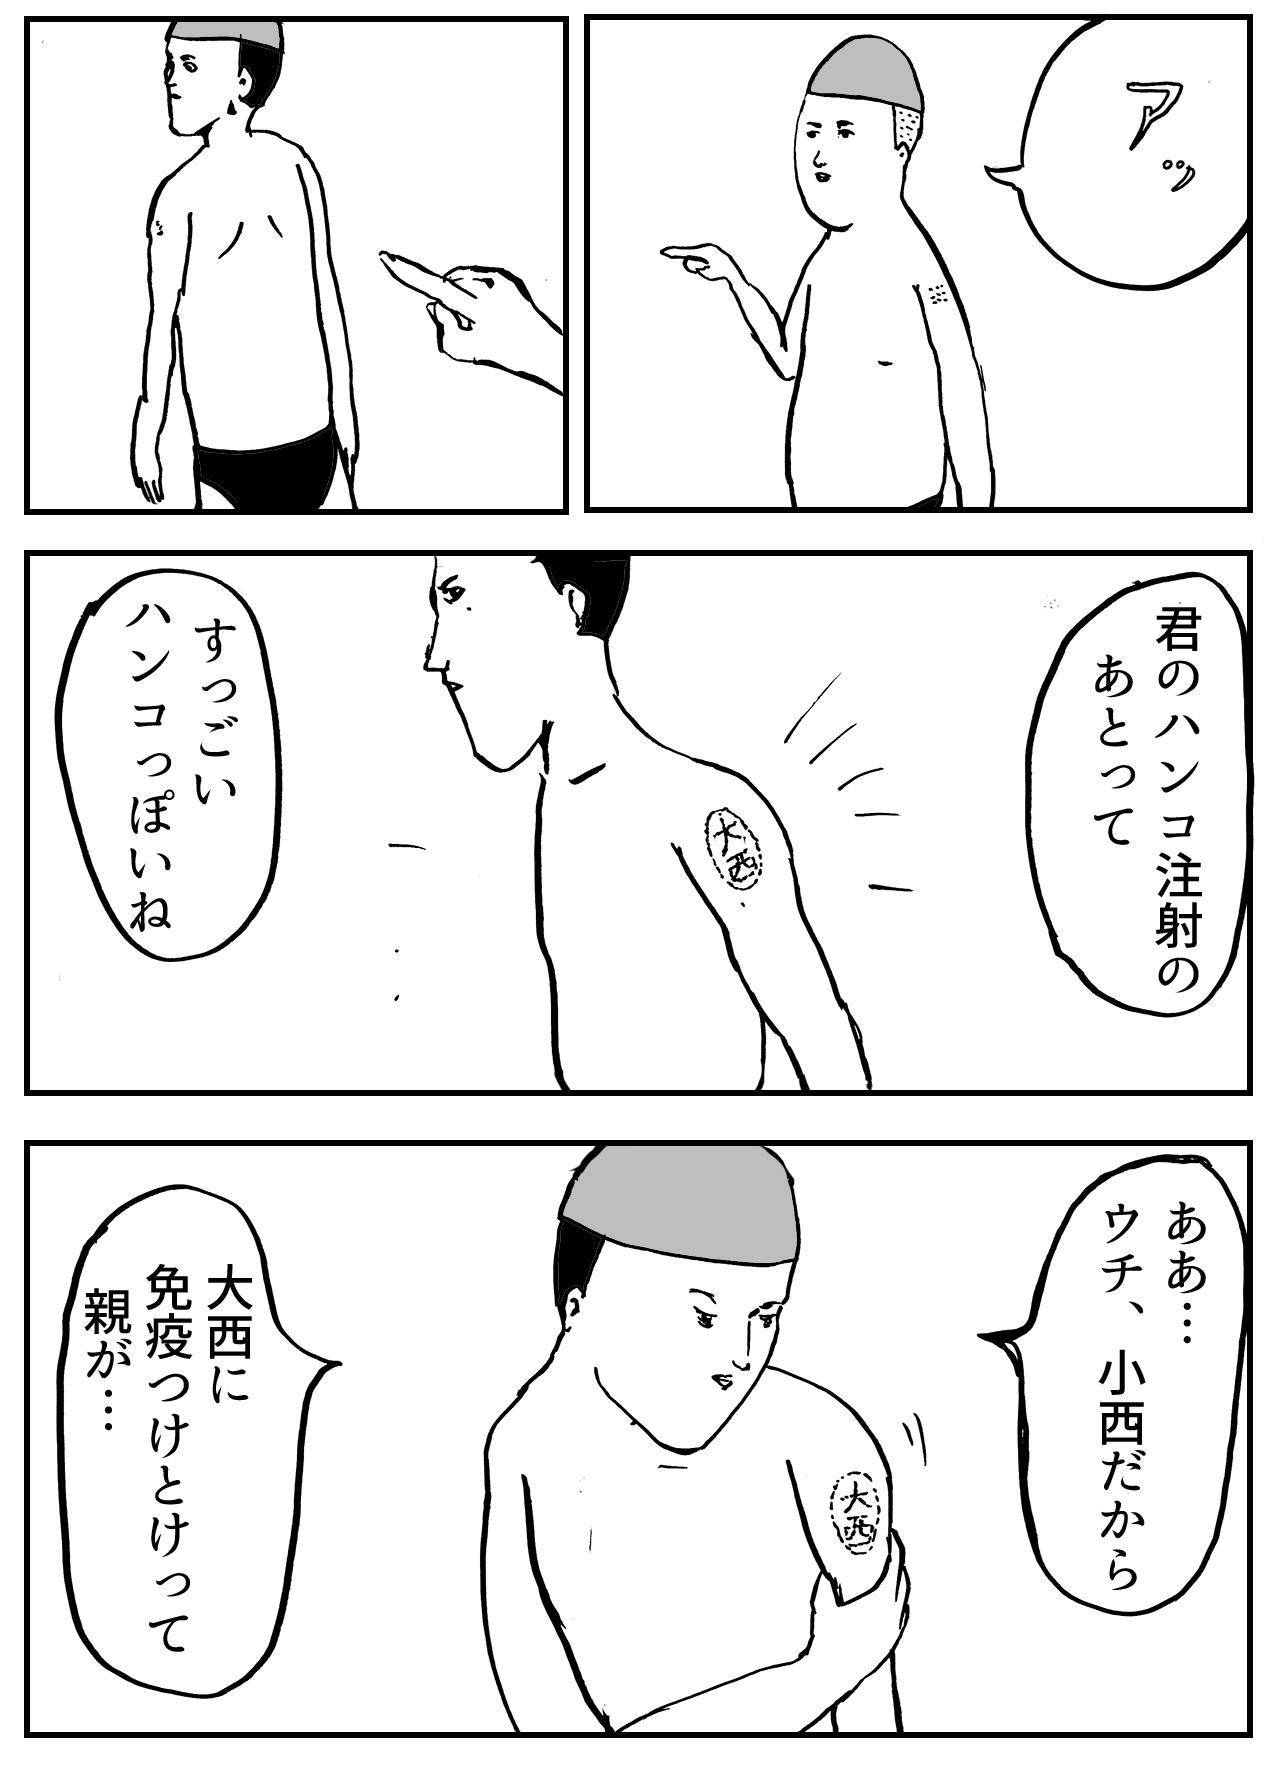 ハンコ 注射